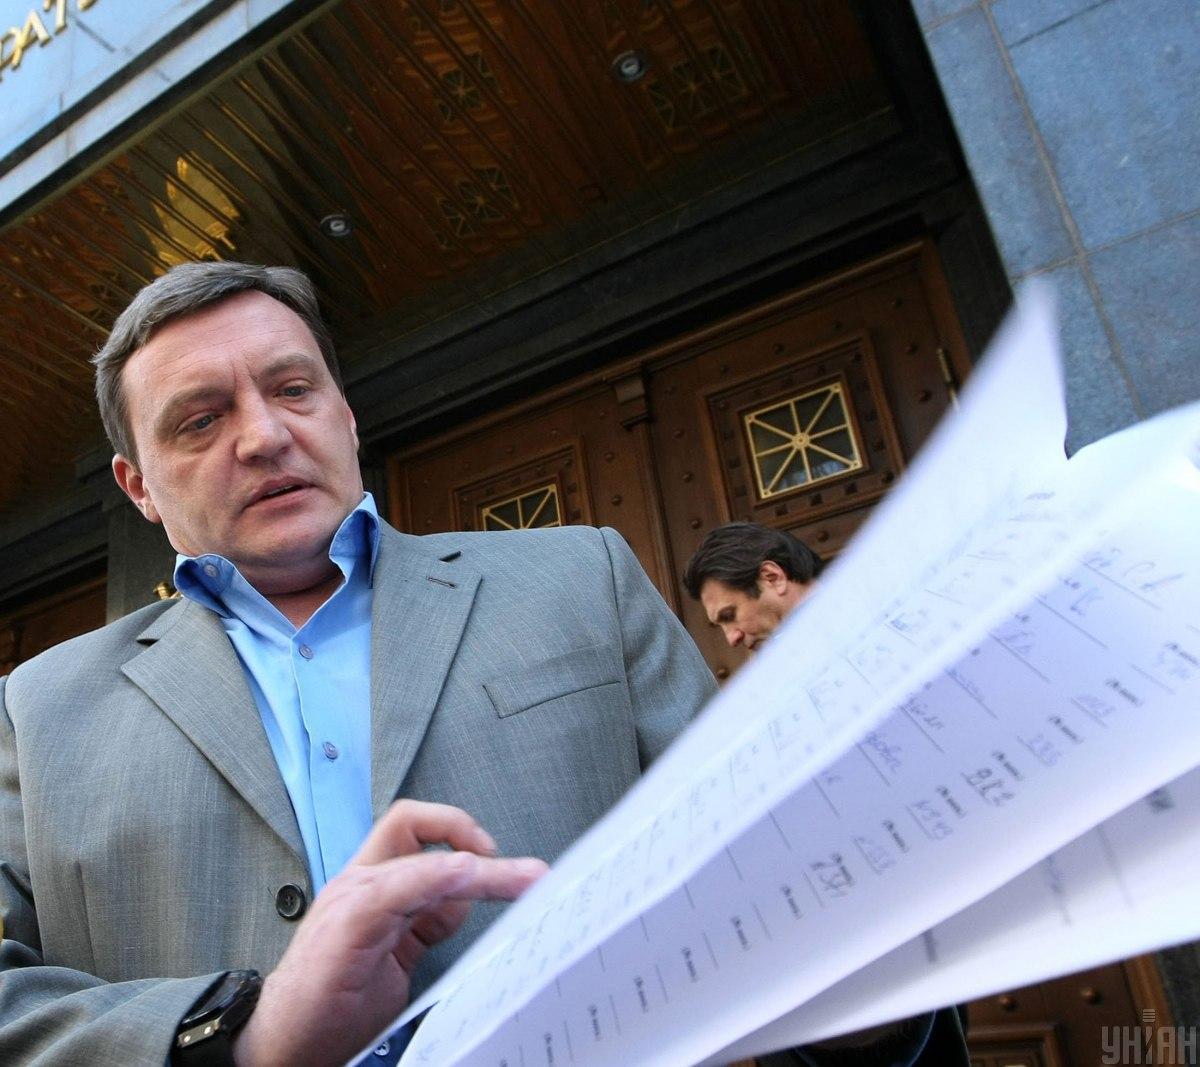 Гримчака затримали ввечері 14 серпня / фото УНІАН